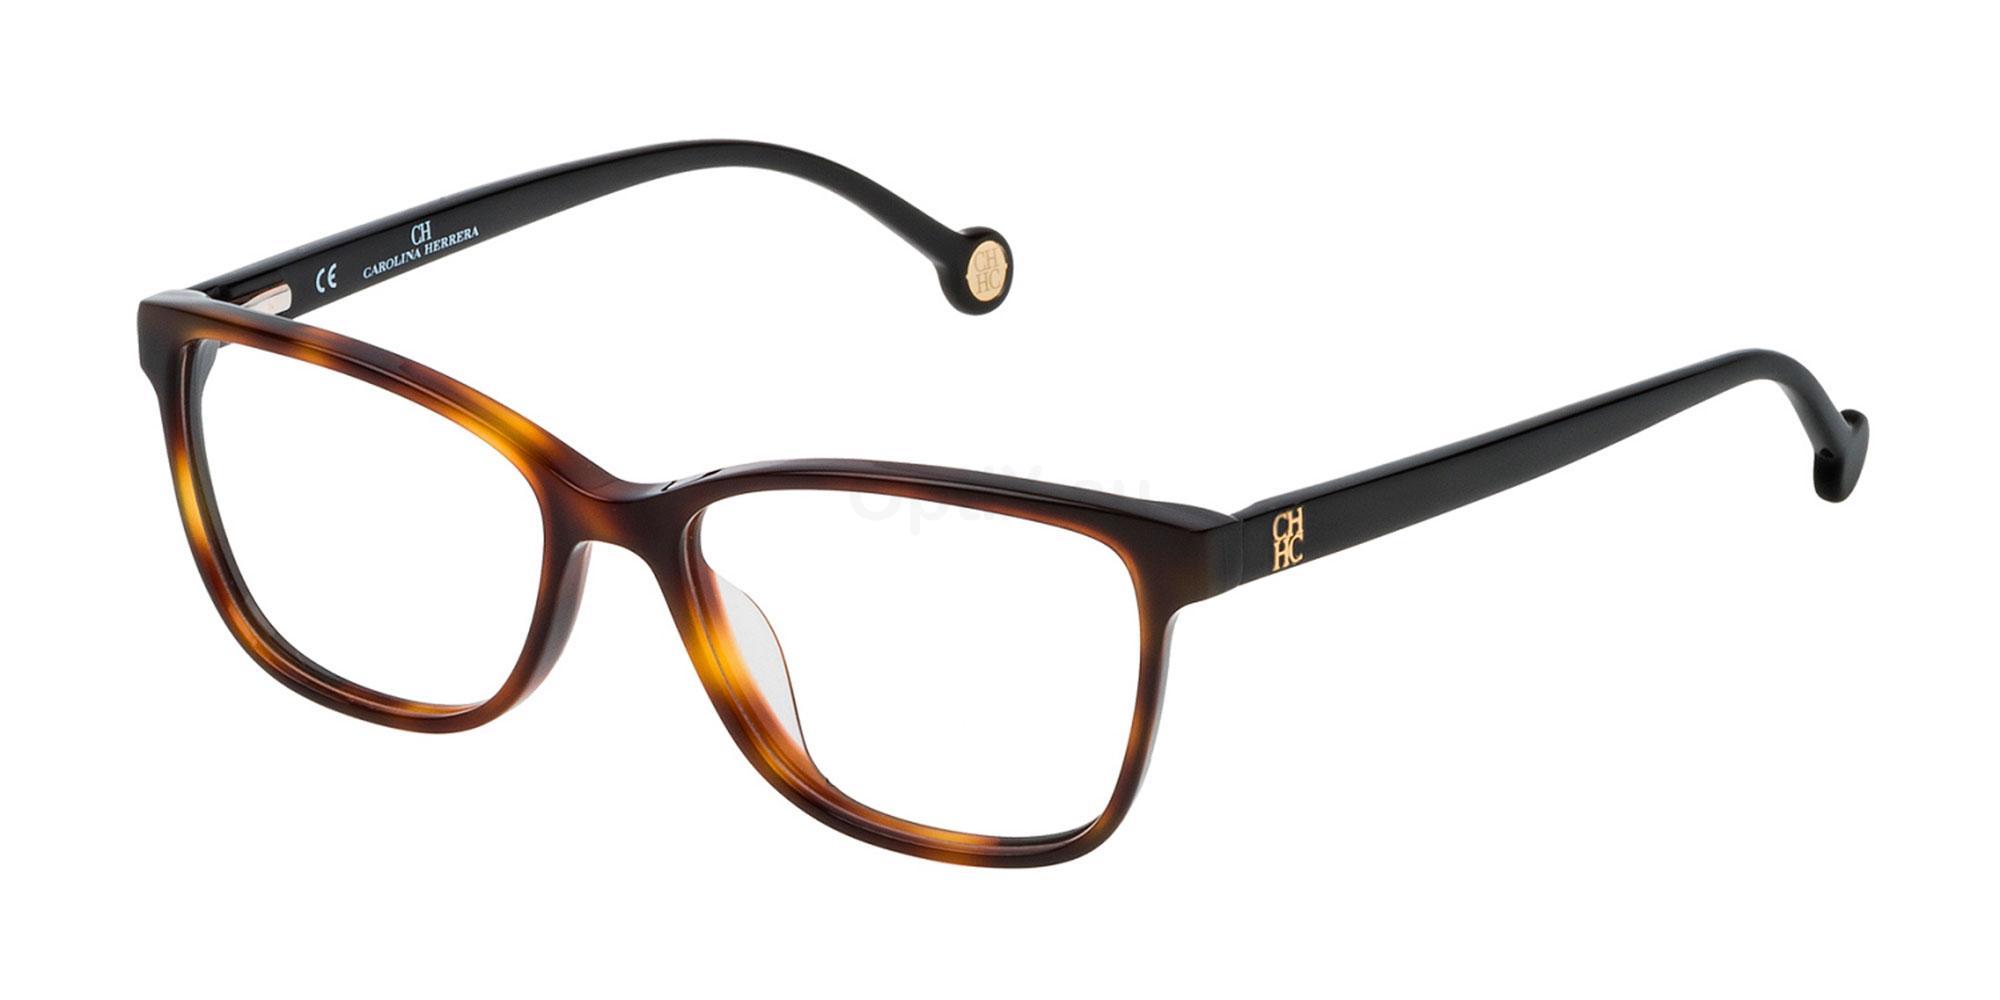 0752 VHE719L Glasses, CH Carolina Herrera